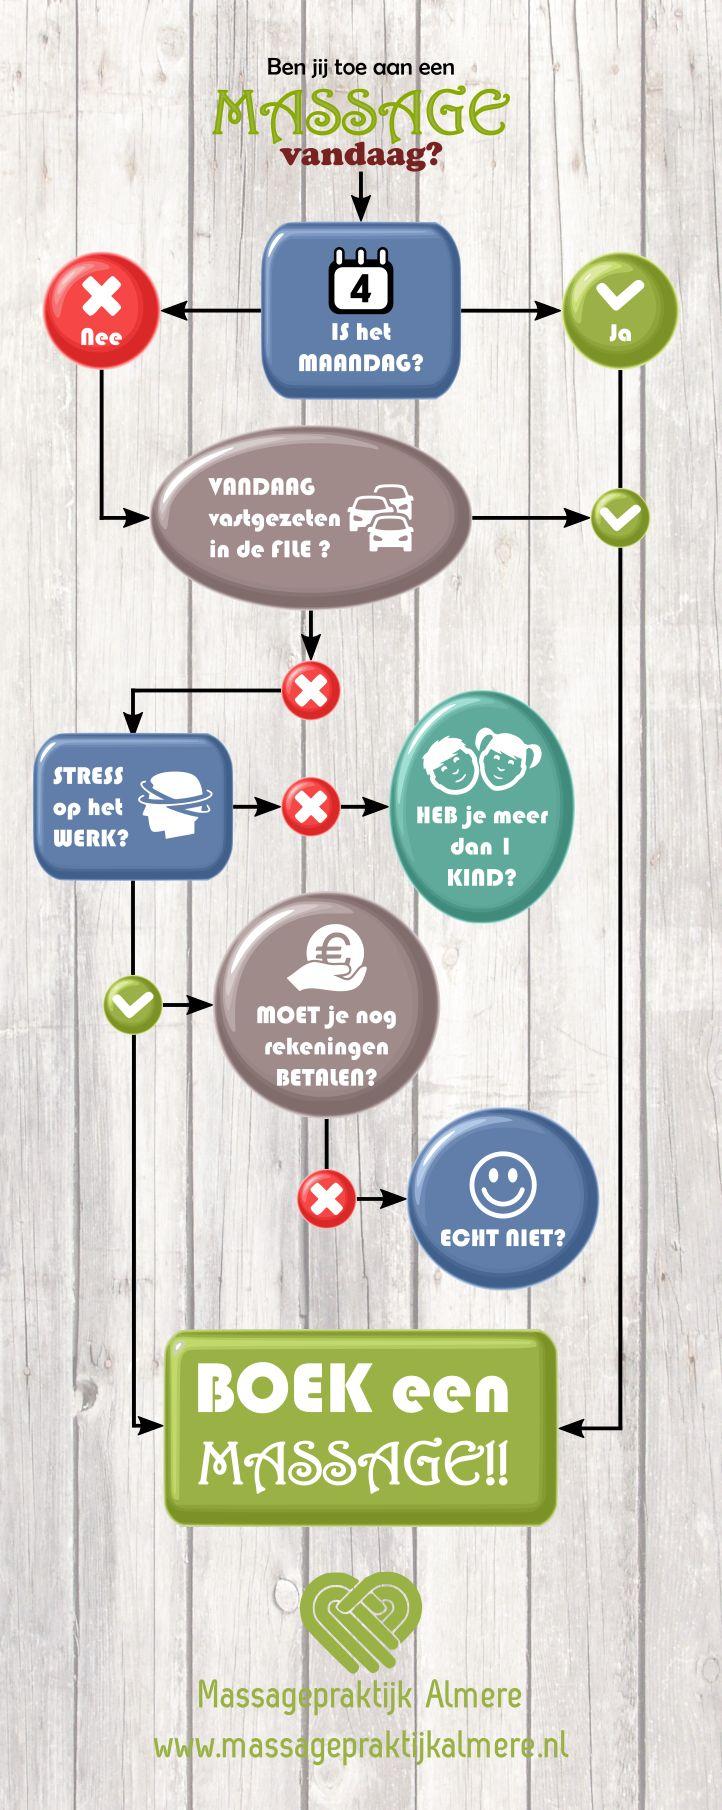 Heb jij een massage nodig? Volg de beslissingsboom.